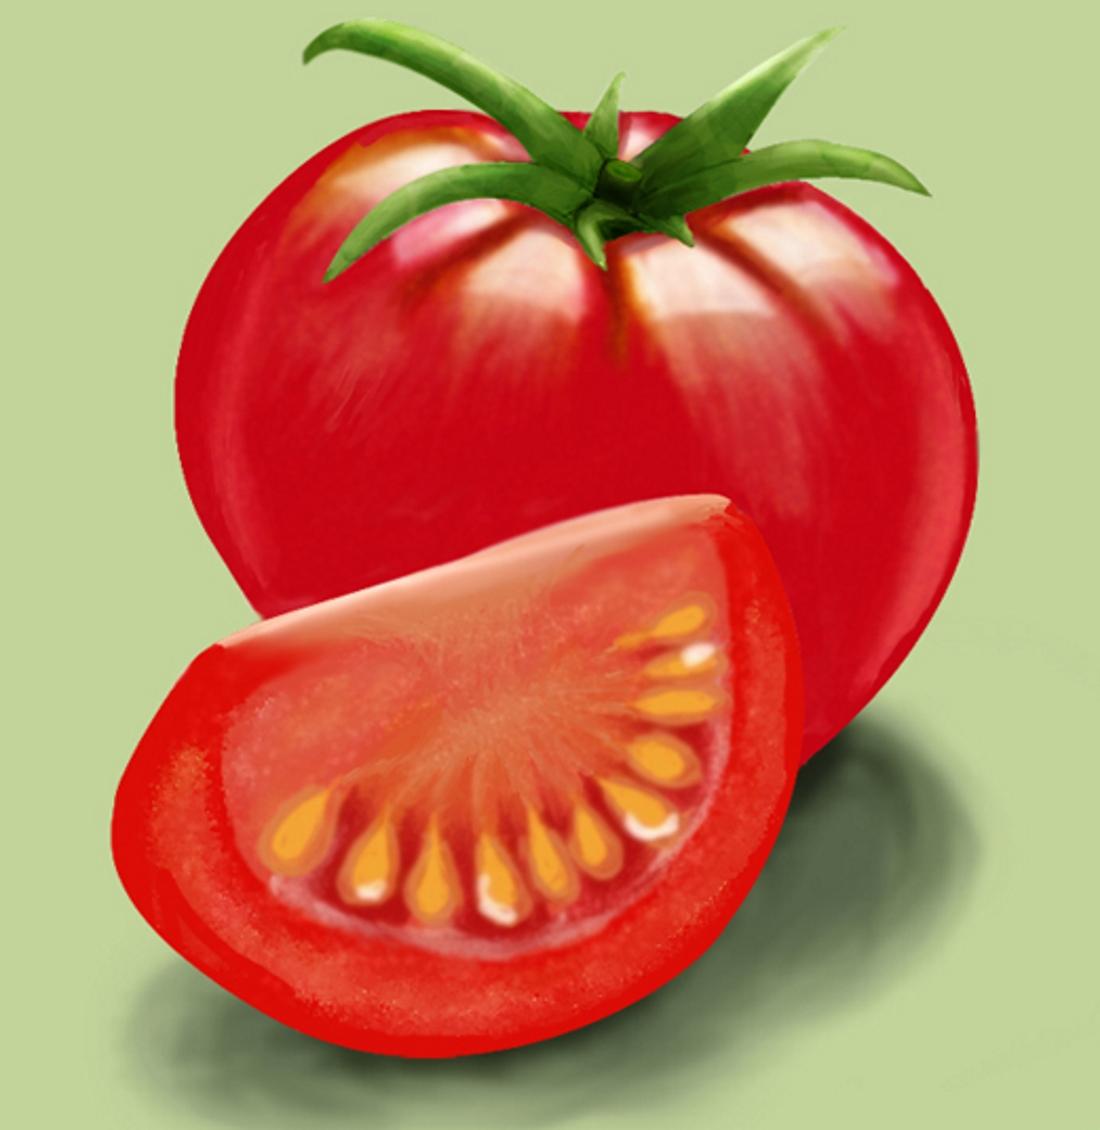 картинка помидор рисовать бодрым здоровым, без